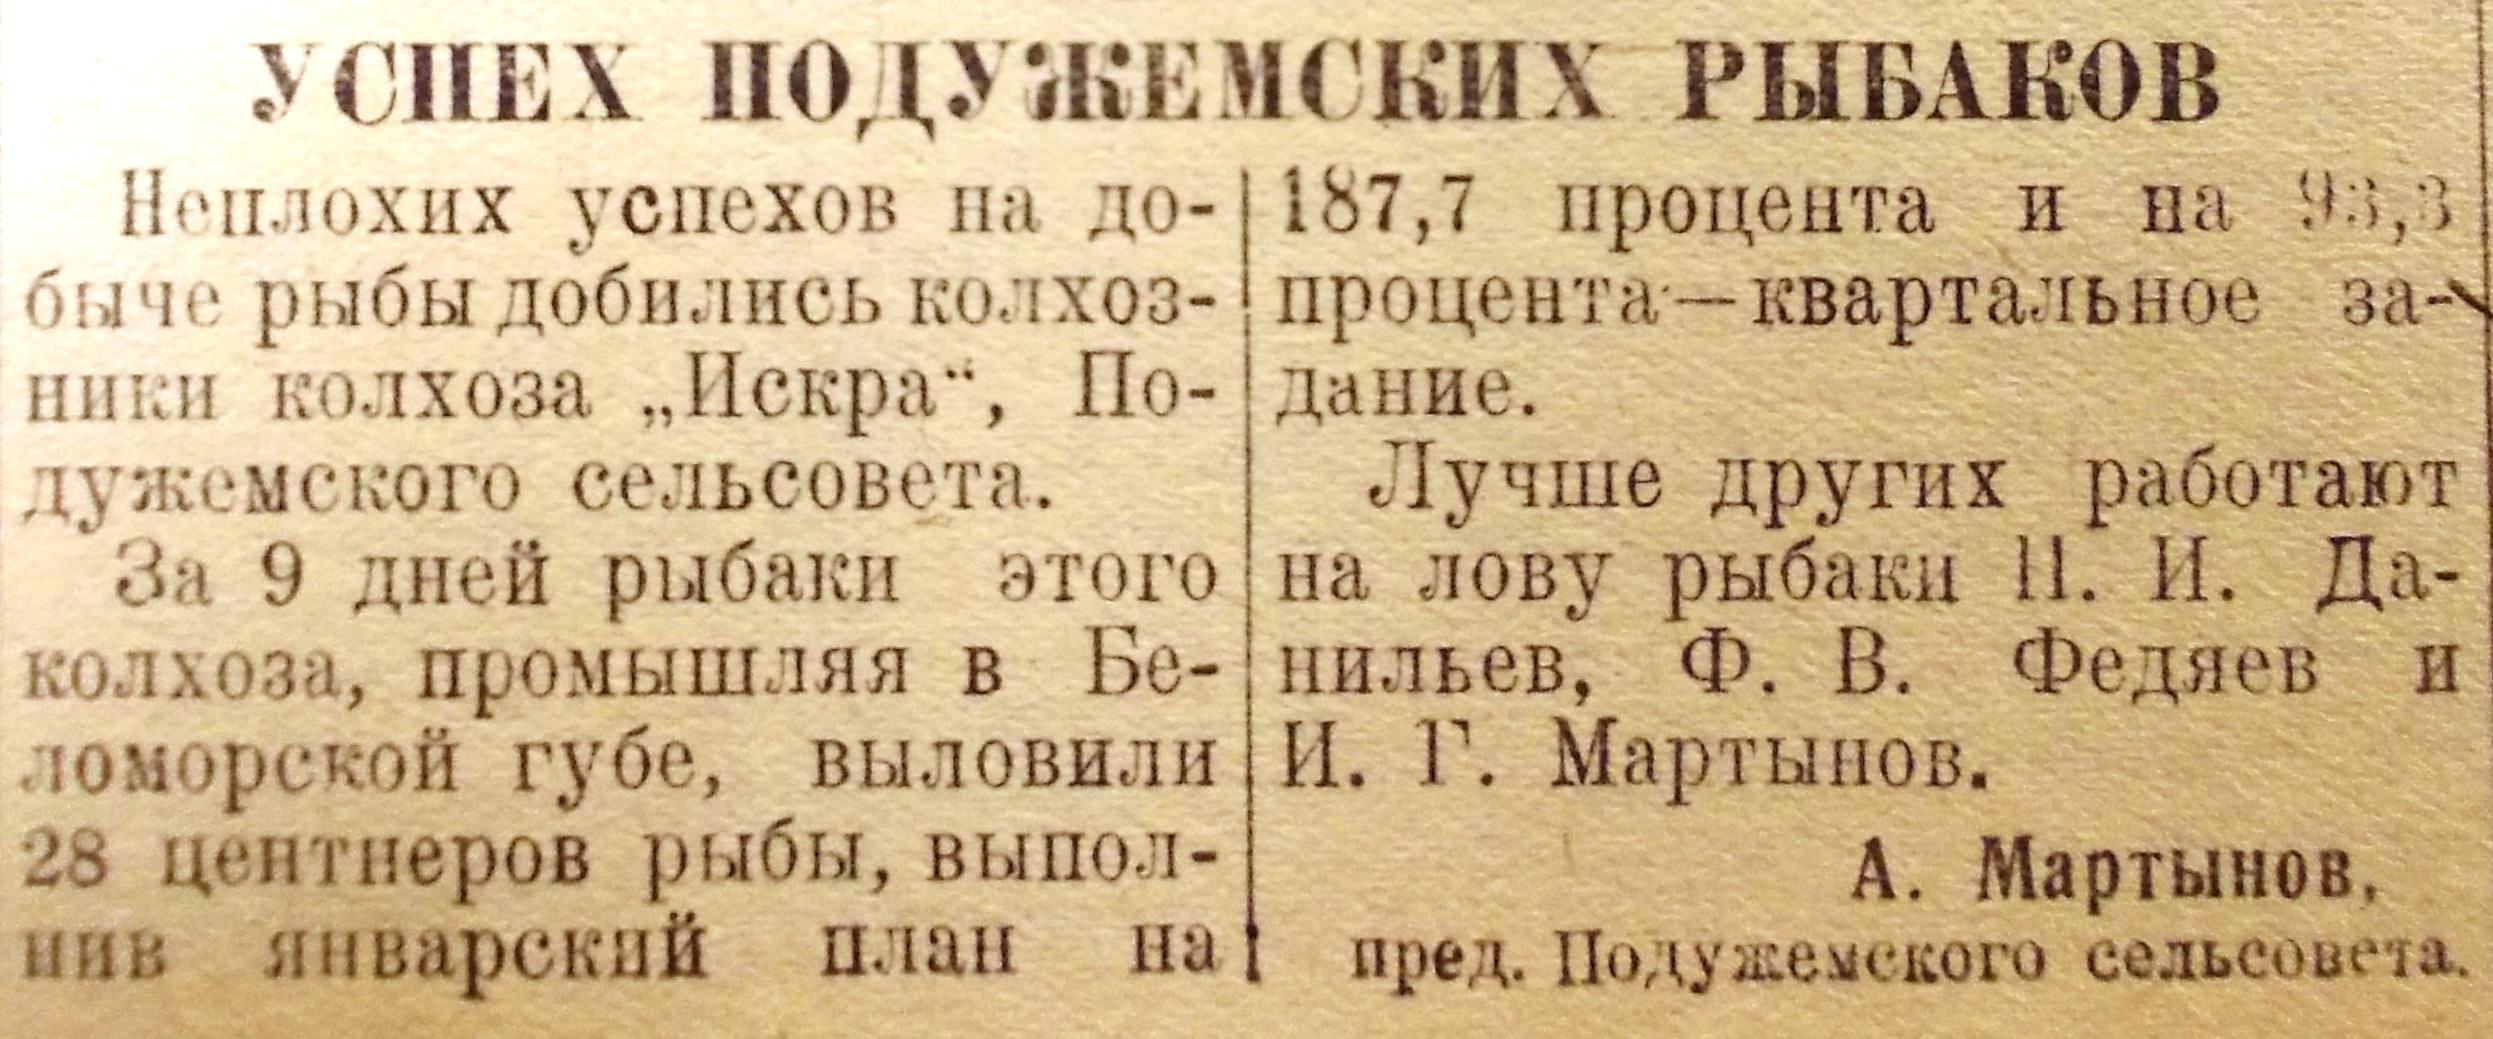 """Статья из газеты """"Советское Беломорье"""", 16 января 1949 г."""